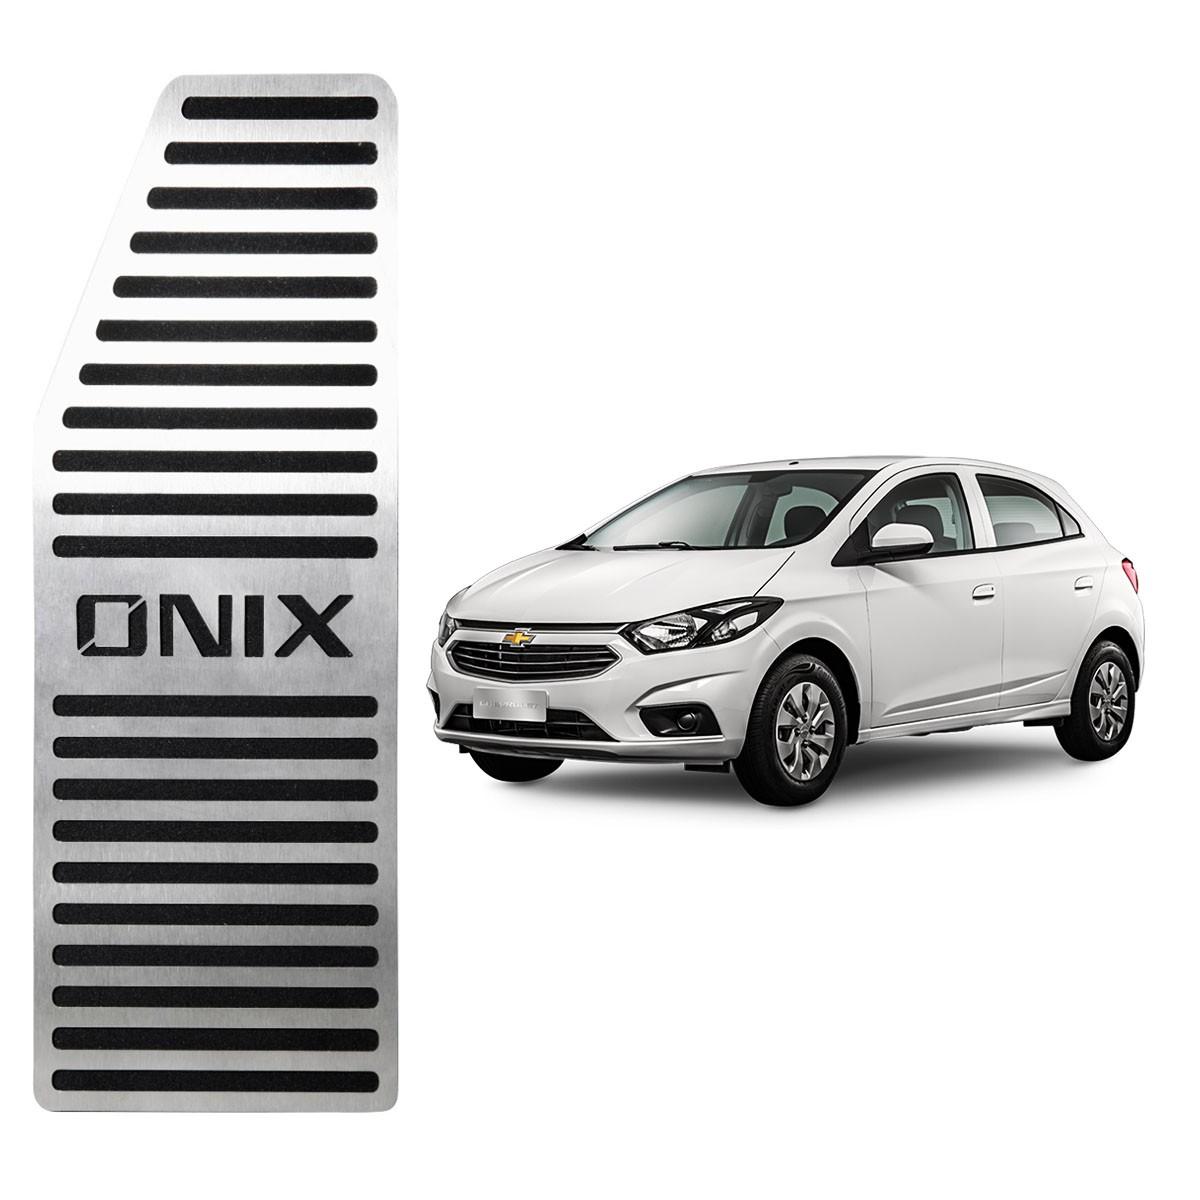 Descanso de Pé Chevrolet Onix Aço Inox Escovado